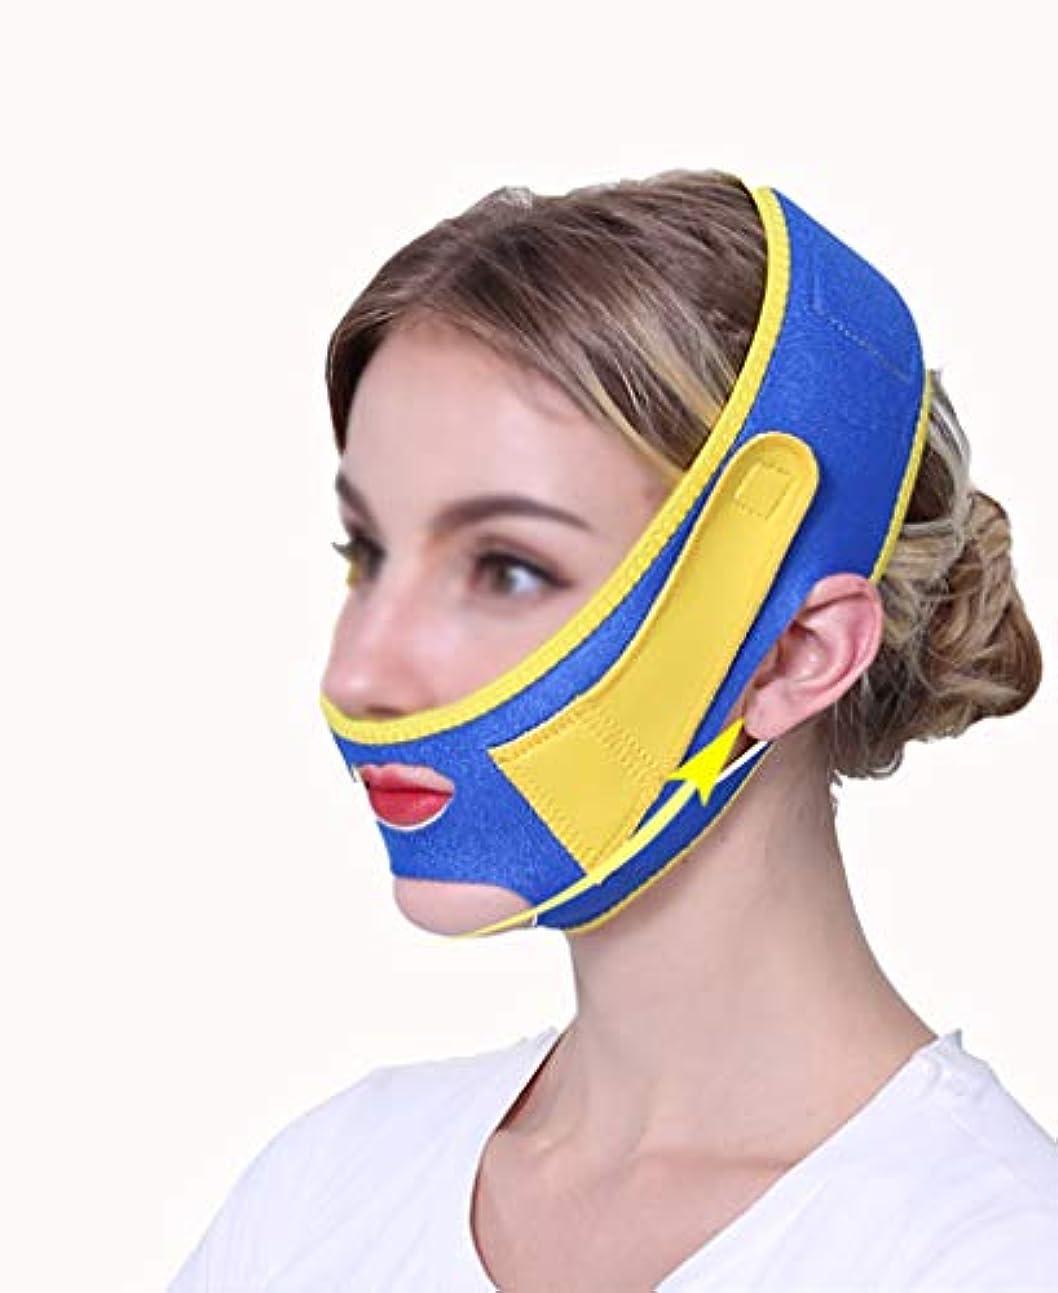 マーベル根拠間違えたフェイスリフトマスク、あごストラップ回復包帯シンフェイスマスクVフェイスステッカーフェイスリフトステッカー韓国本物のリフティング引き締めリフト整形薄型ダブルあごフェイスリフト睡眠包帯アーティファクト